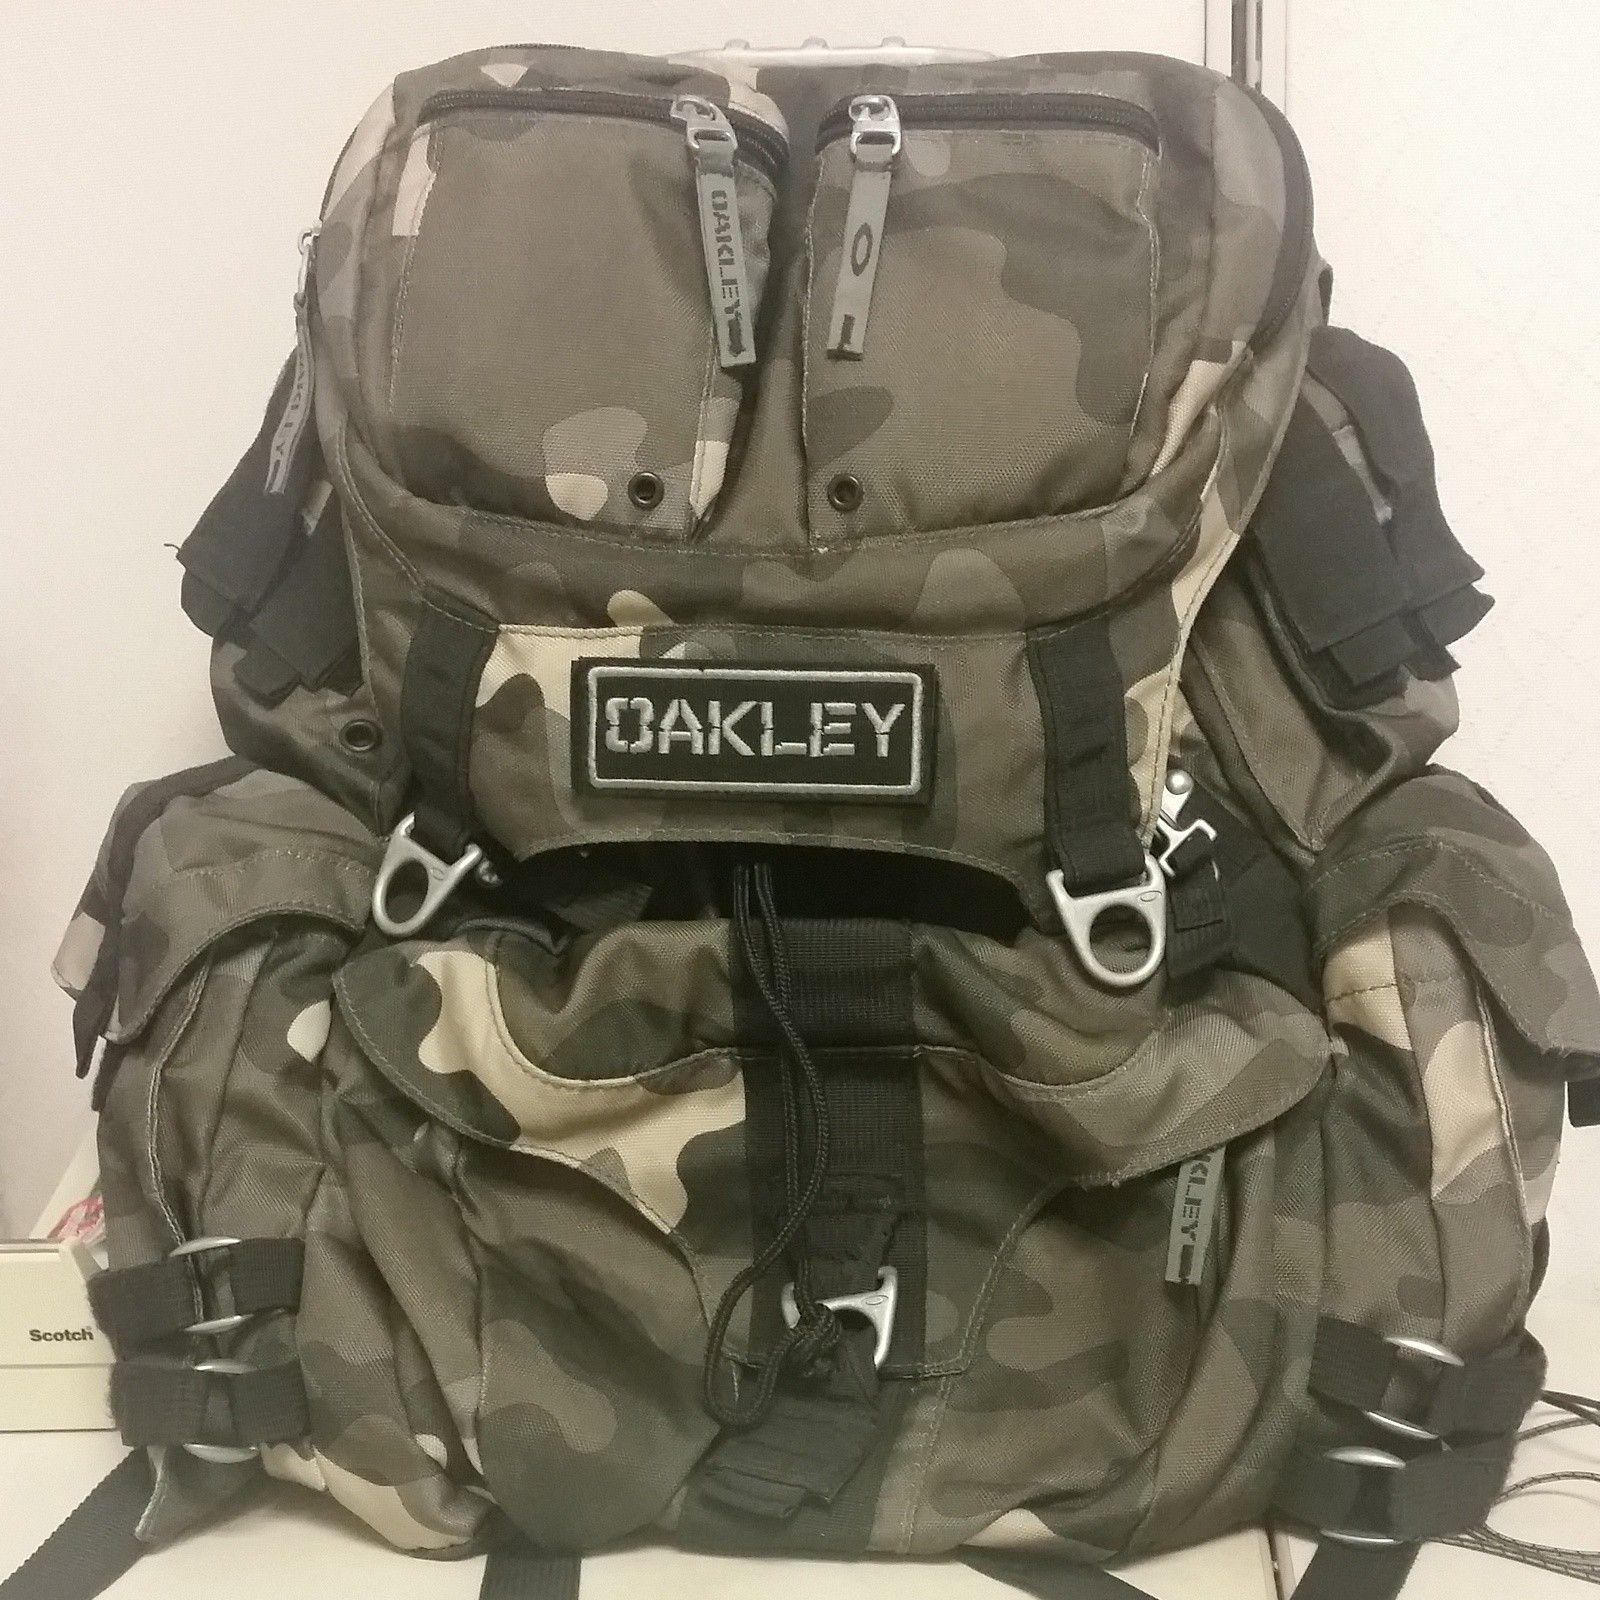 Oakley mechanism backpack - uploadfromtaptalk1419982653255.jpg